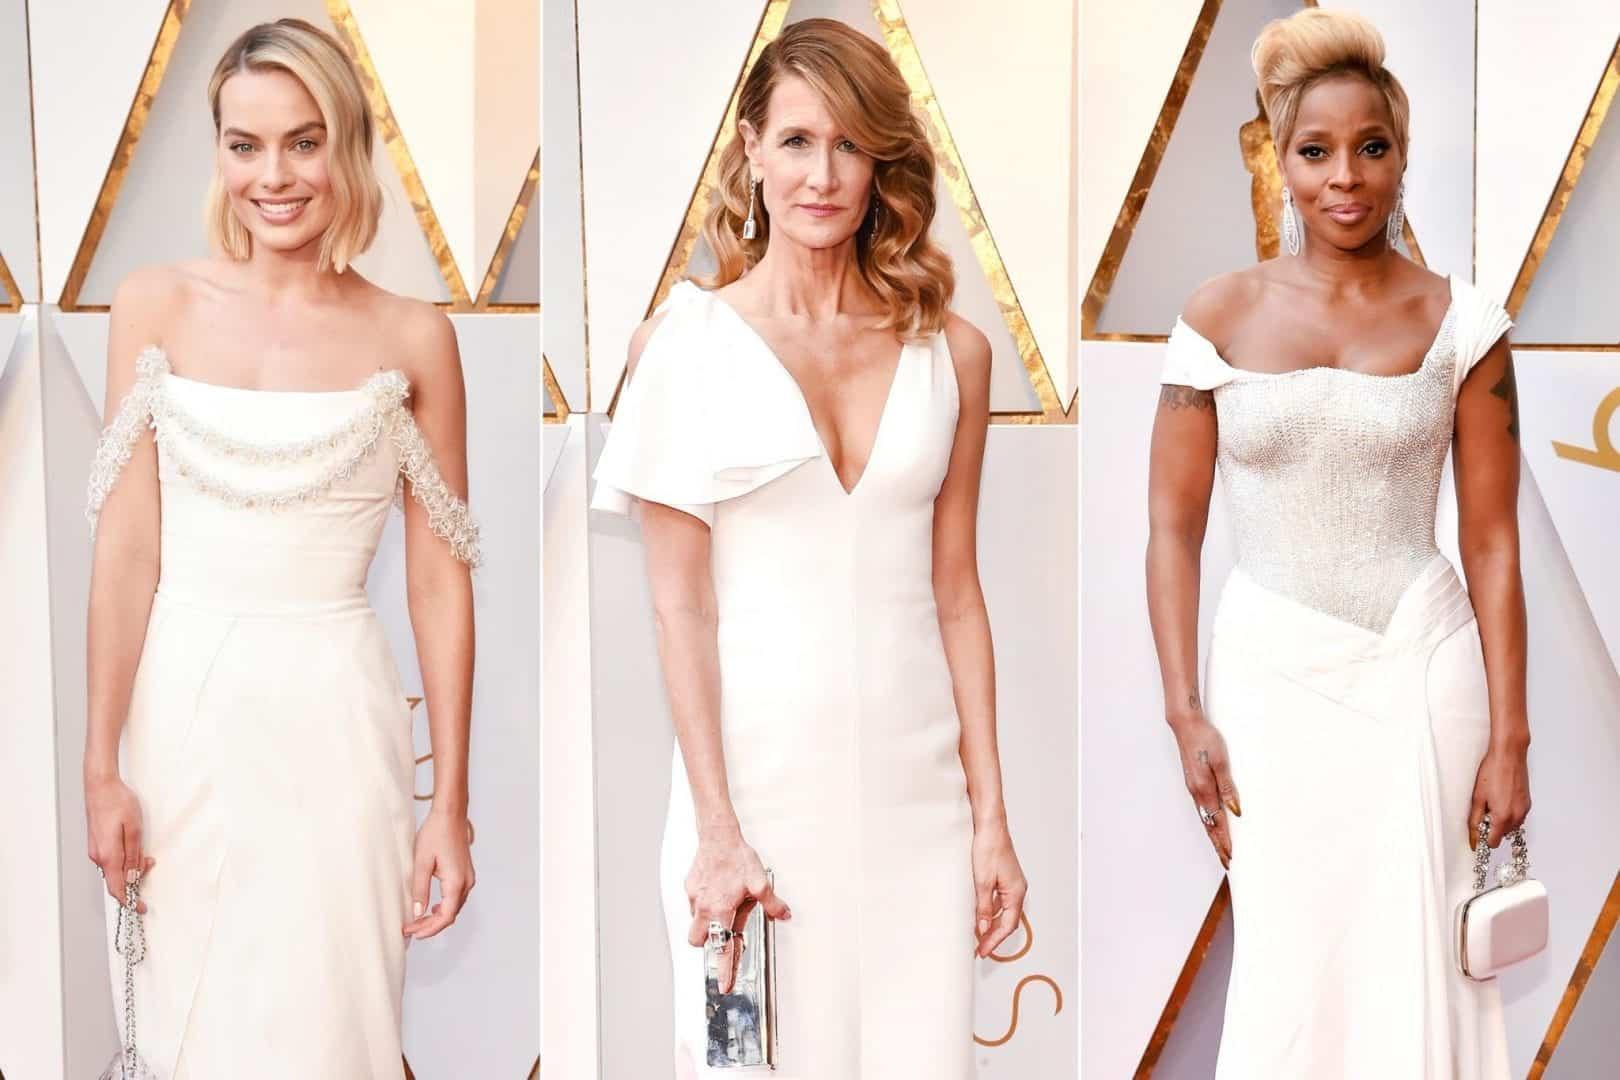 Vestido branco - Como usar, combinações e looks de inspiração